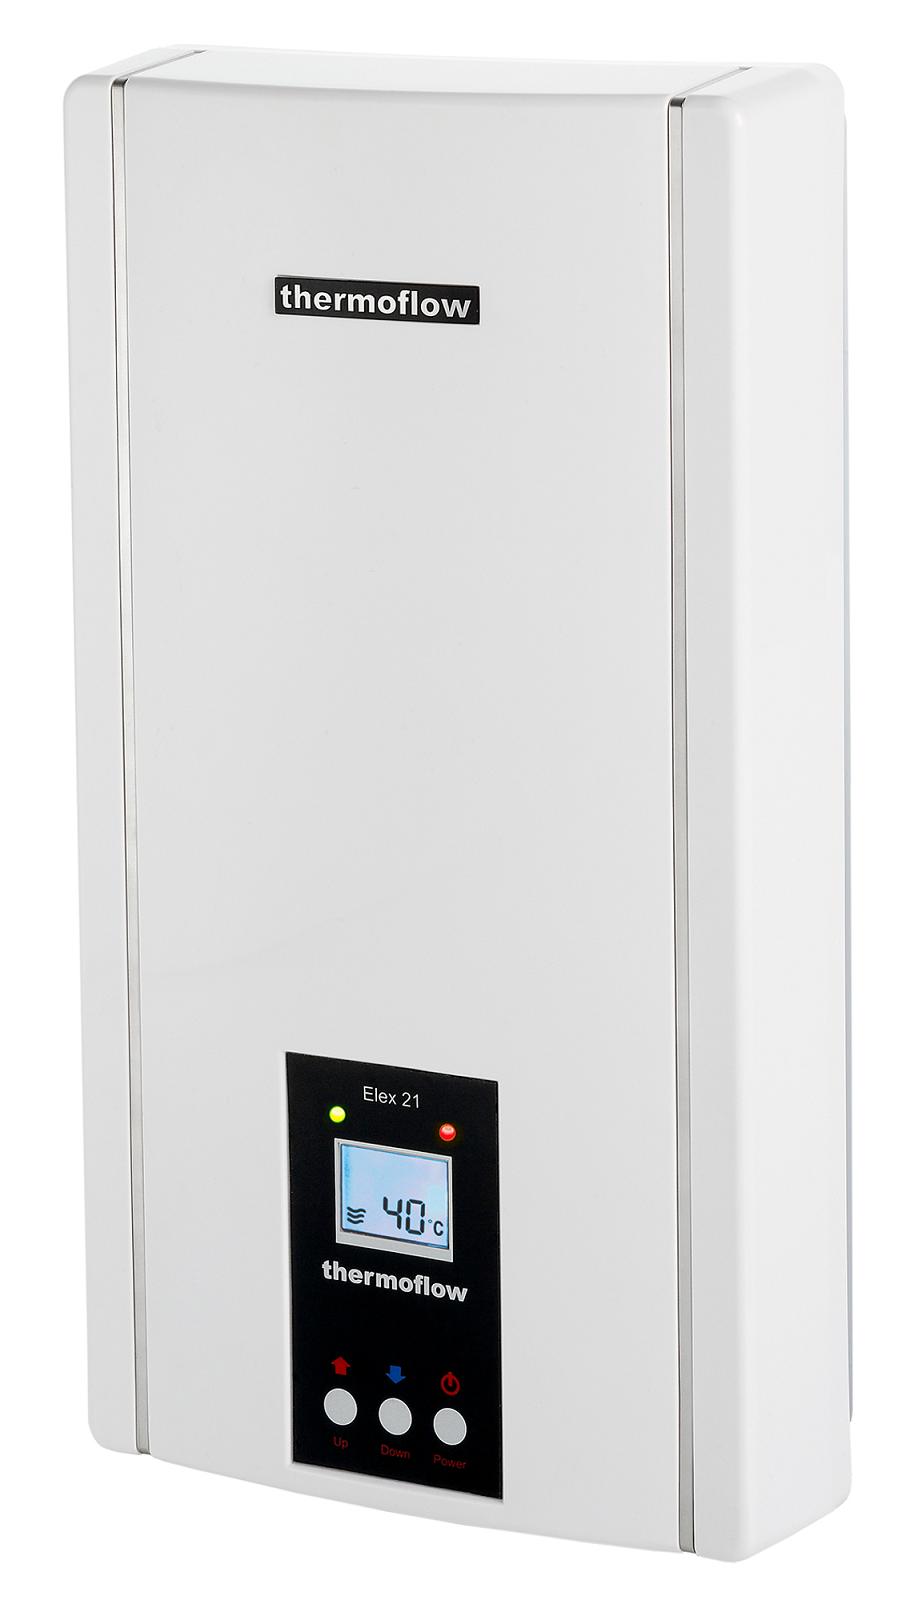 durchlauferhitzer elektronisch 21 kw elex 21 boiler durchlauferhitzer thermoflow ebay. Black Bedroom Furniture Sets. Home Design Ideas